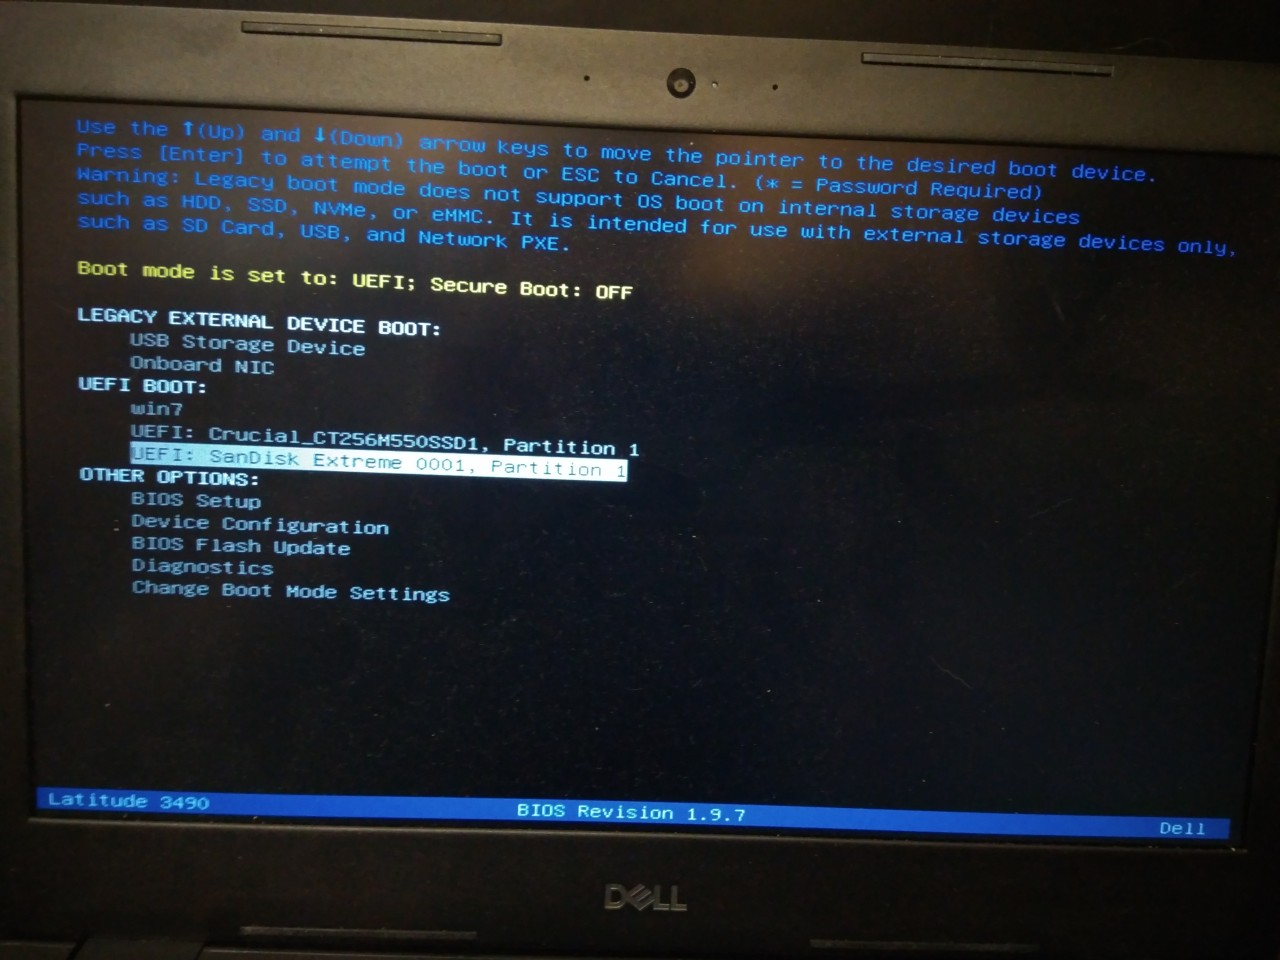 Installing Windows 7 on DELL Latitude 3490 laptop – Koshka